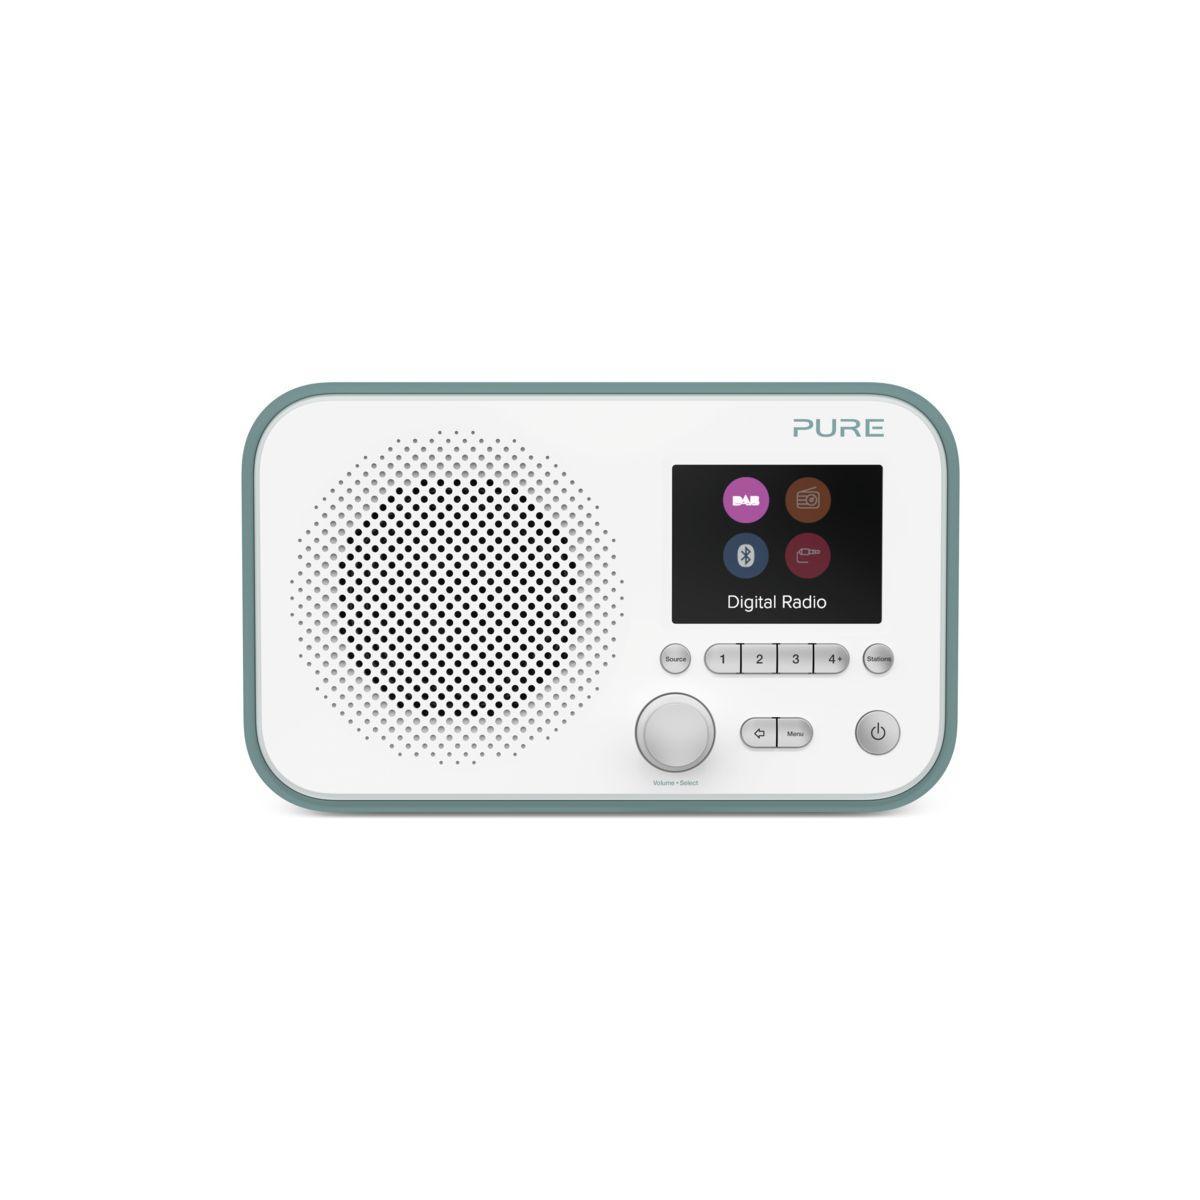 Radio num�rique pure elan bt3 vert d'eau/blanche - 20% de remise imm�diate avec le cod